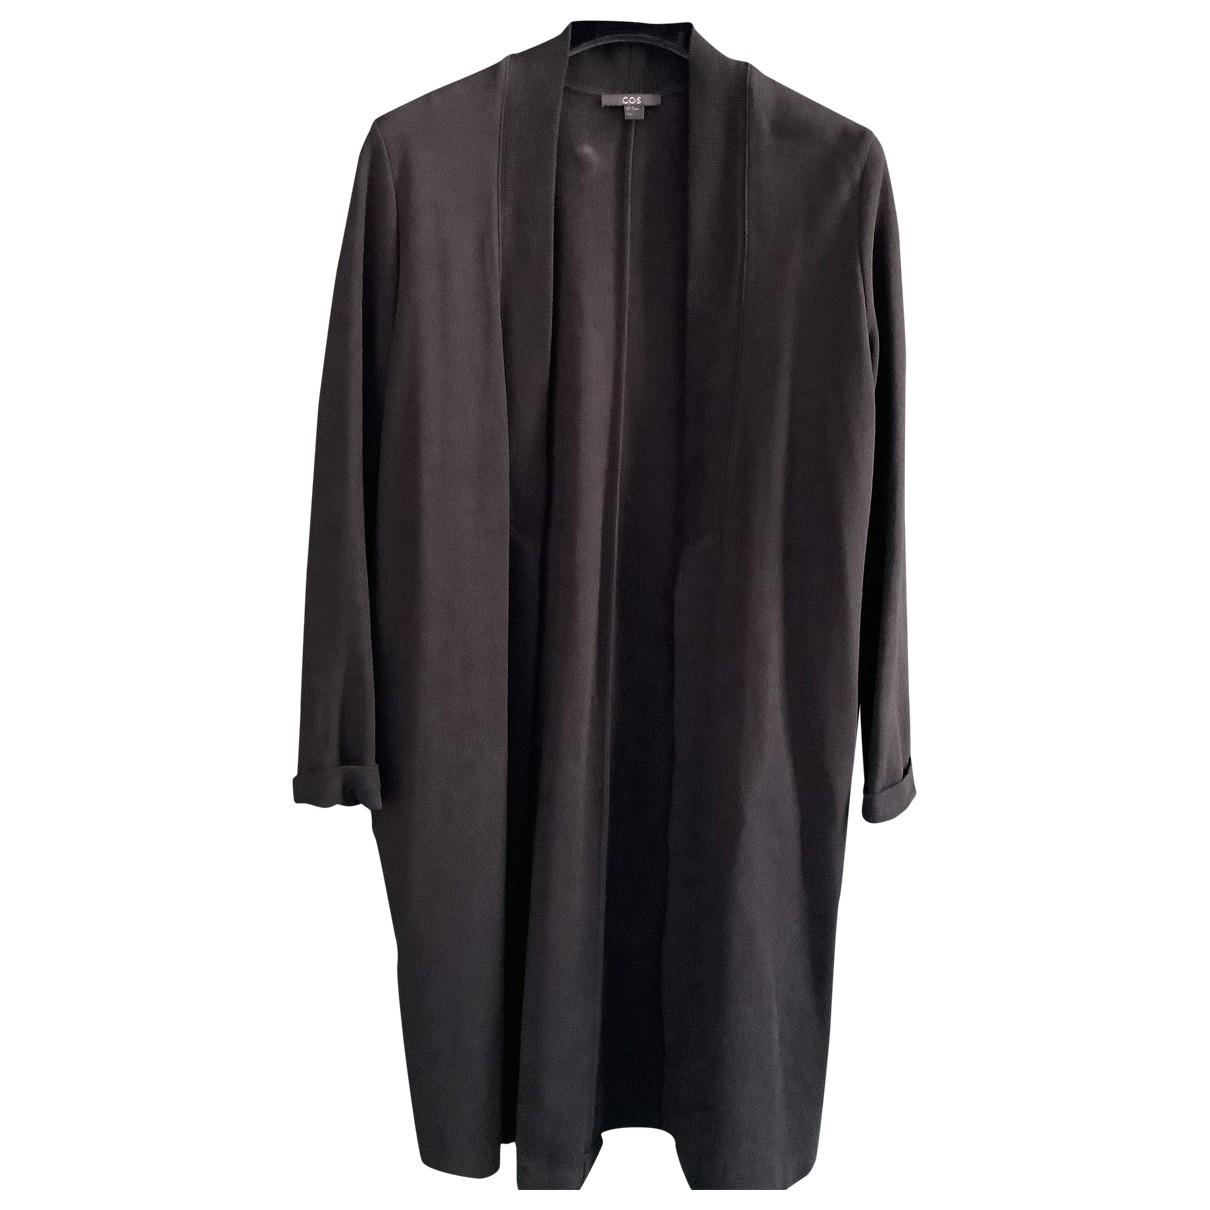 Cos - Veste   pour femme en coton - noir